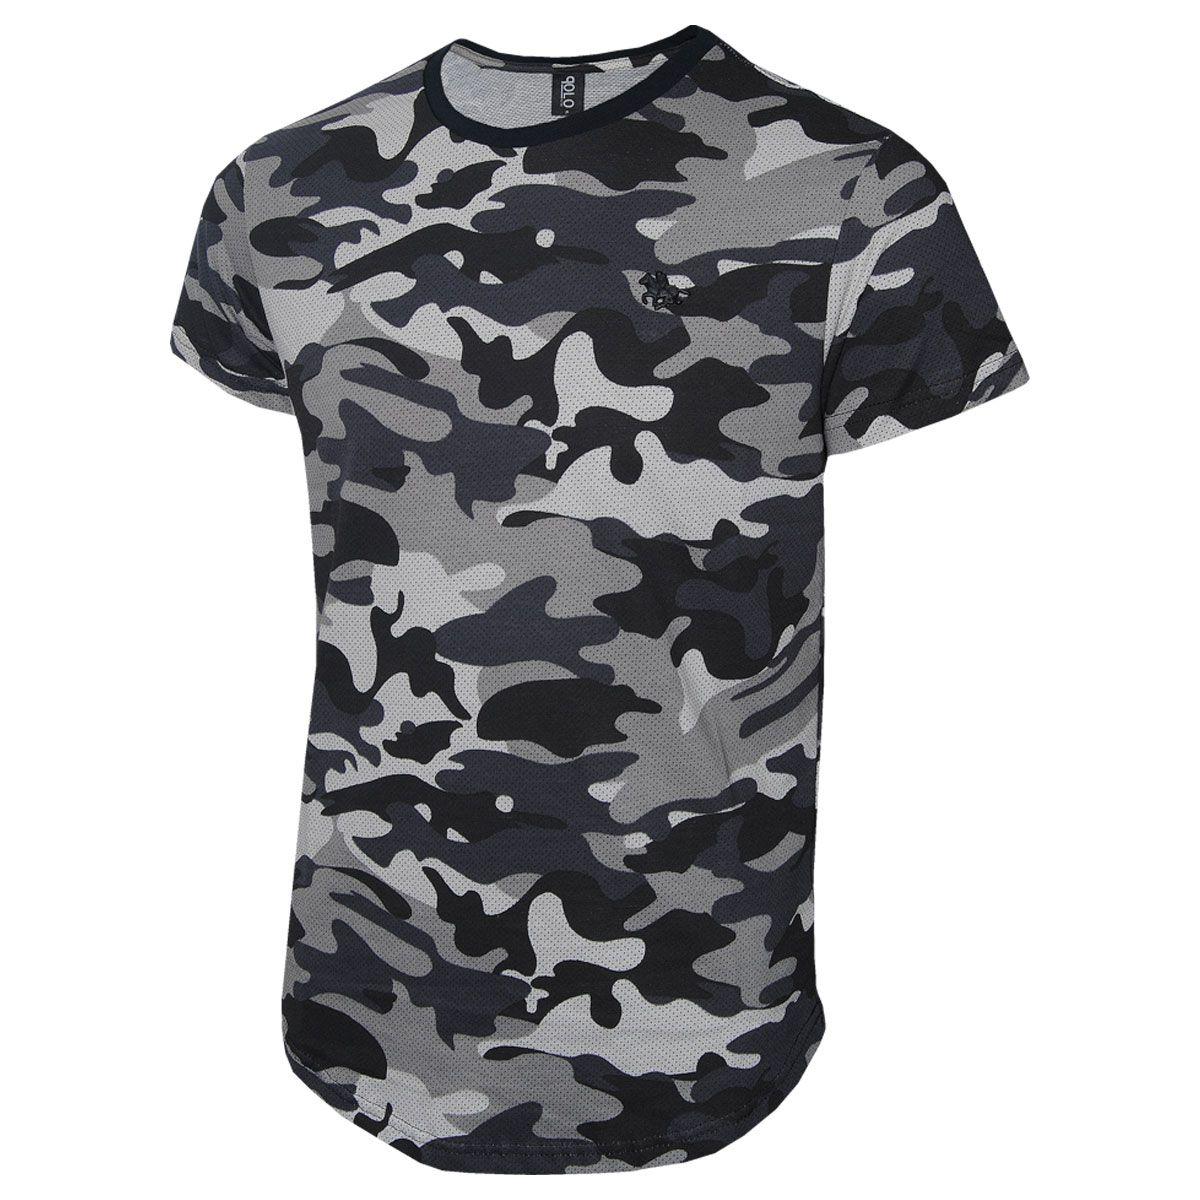 Camiseta Masculina Camuflada Polo RG518